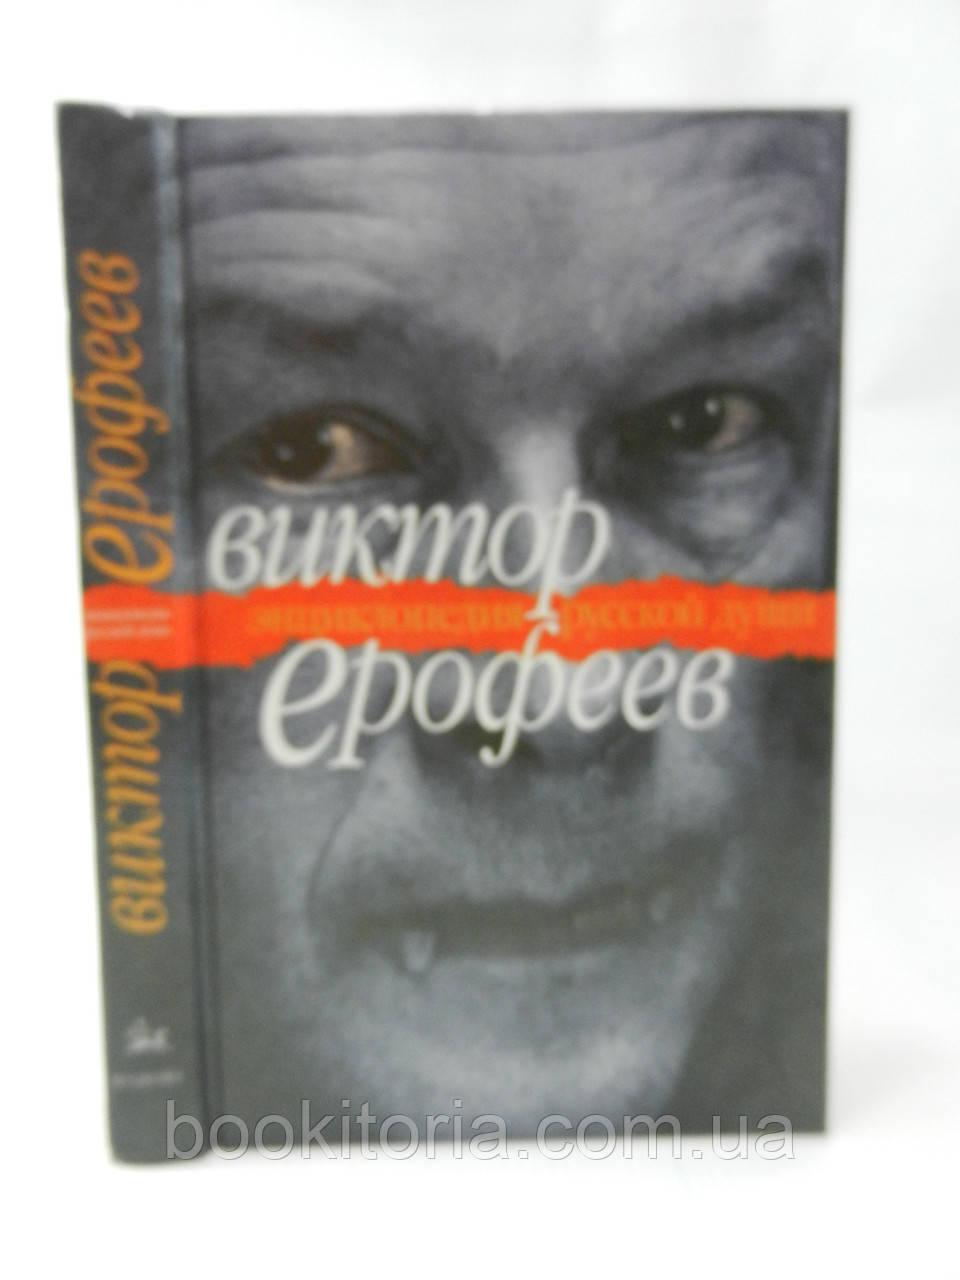 Ерофеев В. Энциклопедия русской души (б/у).